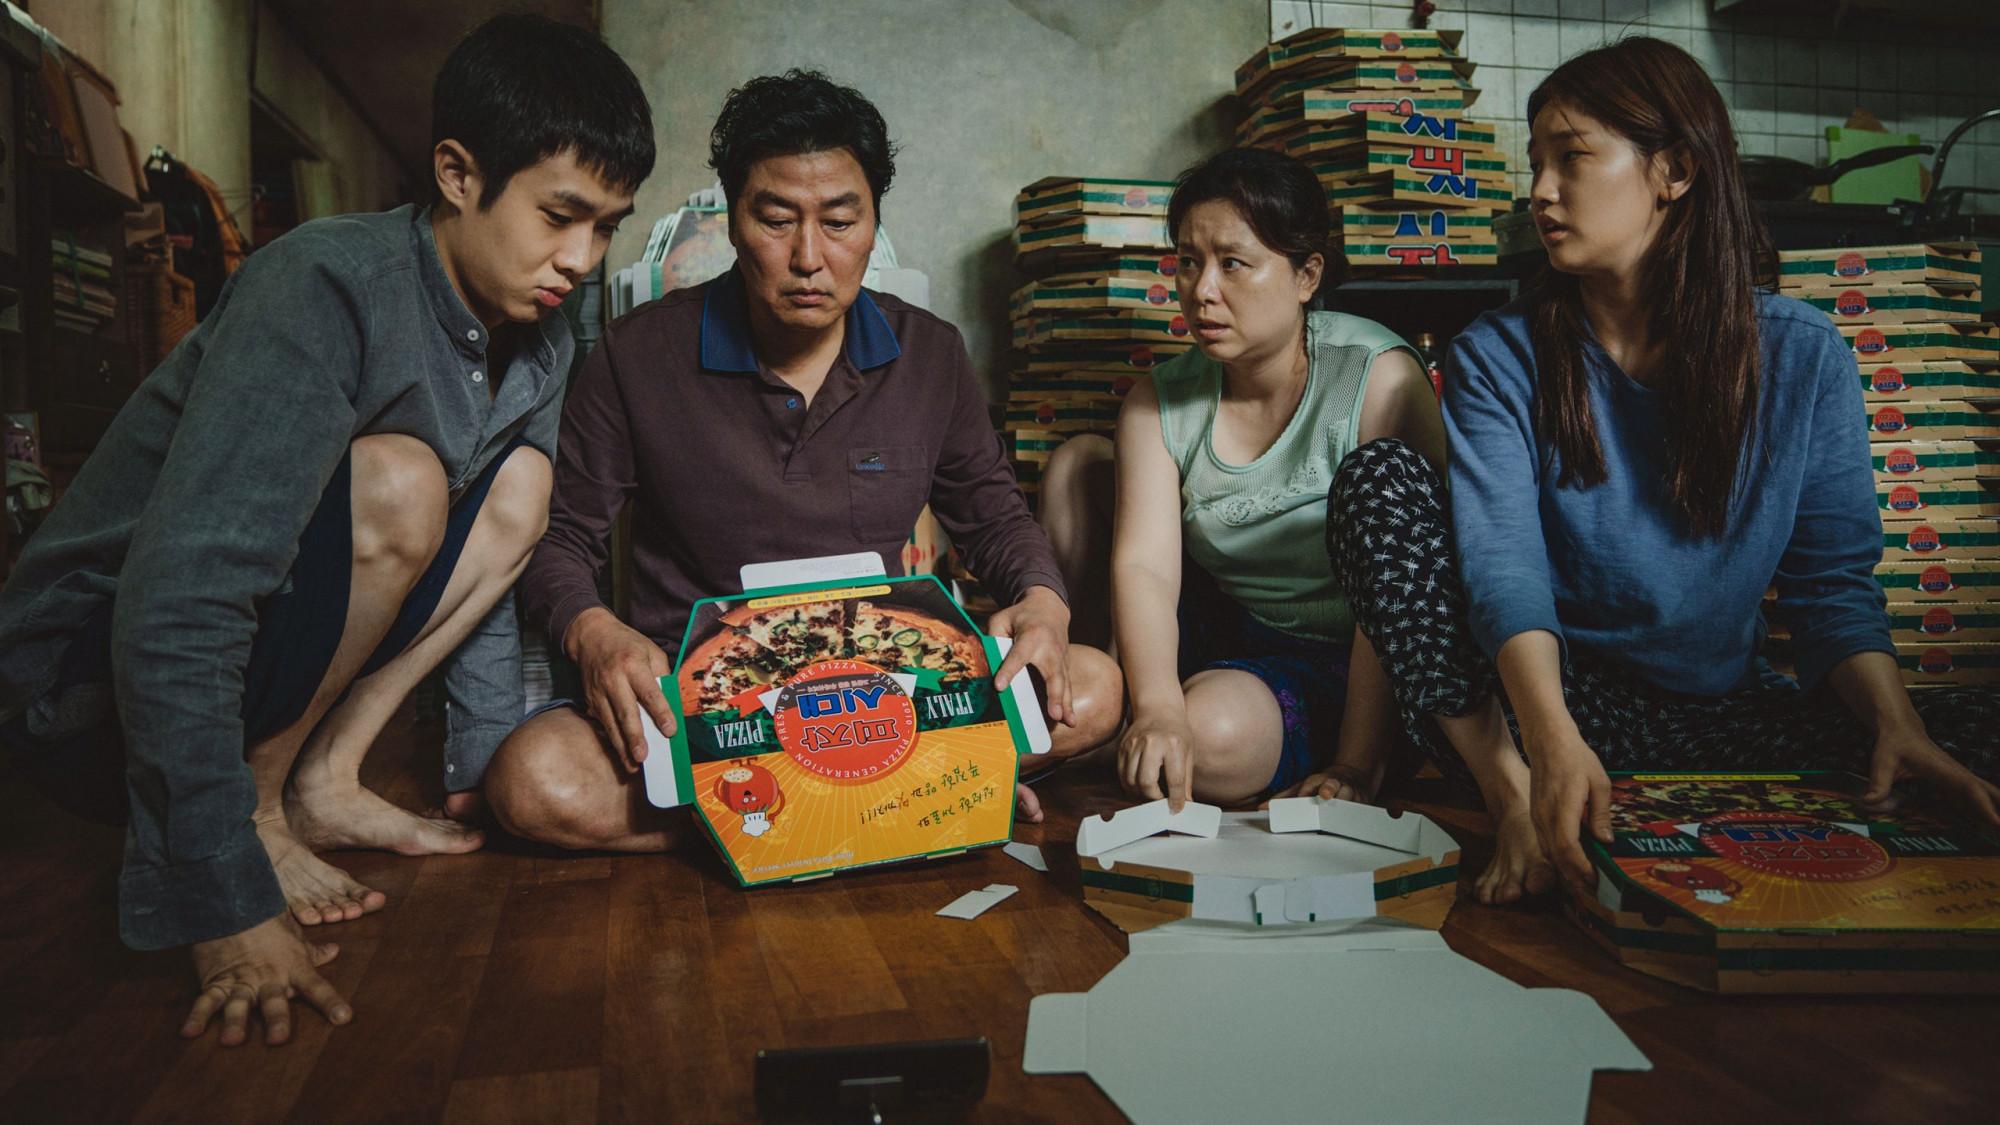 Thành công của Ký sinh trùng giúp ngành phim ảnh Hàn Quốc khẳng định vị thế trên trường quốc tế.